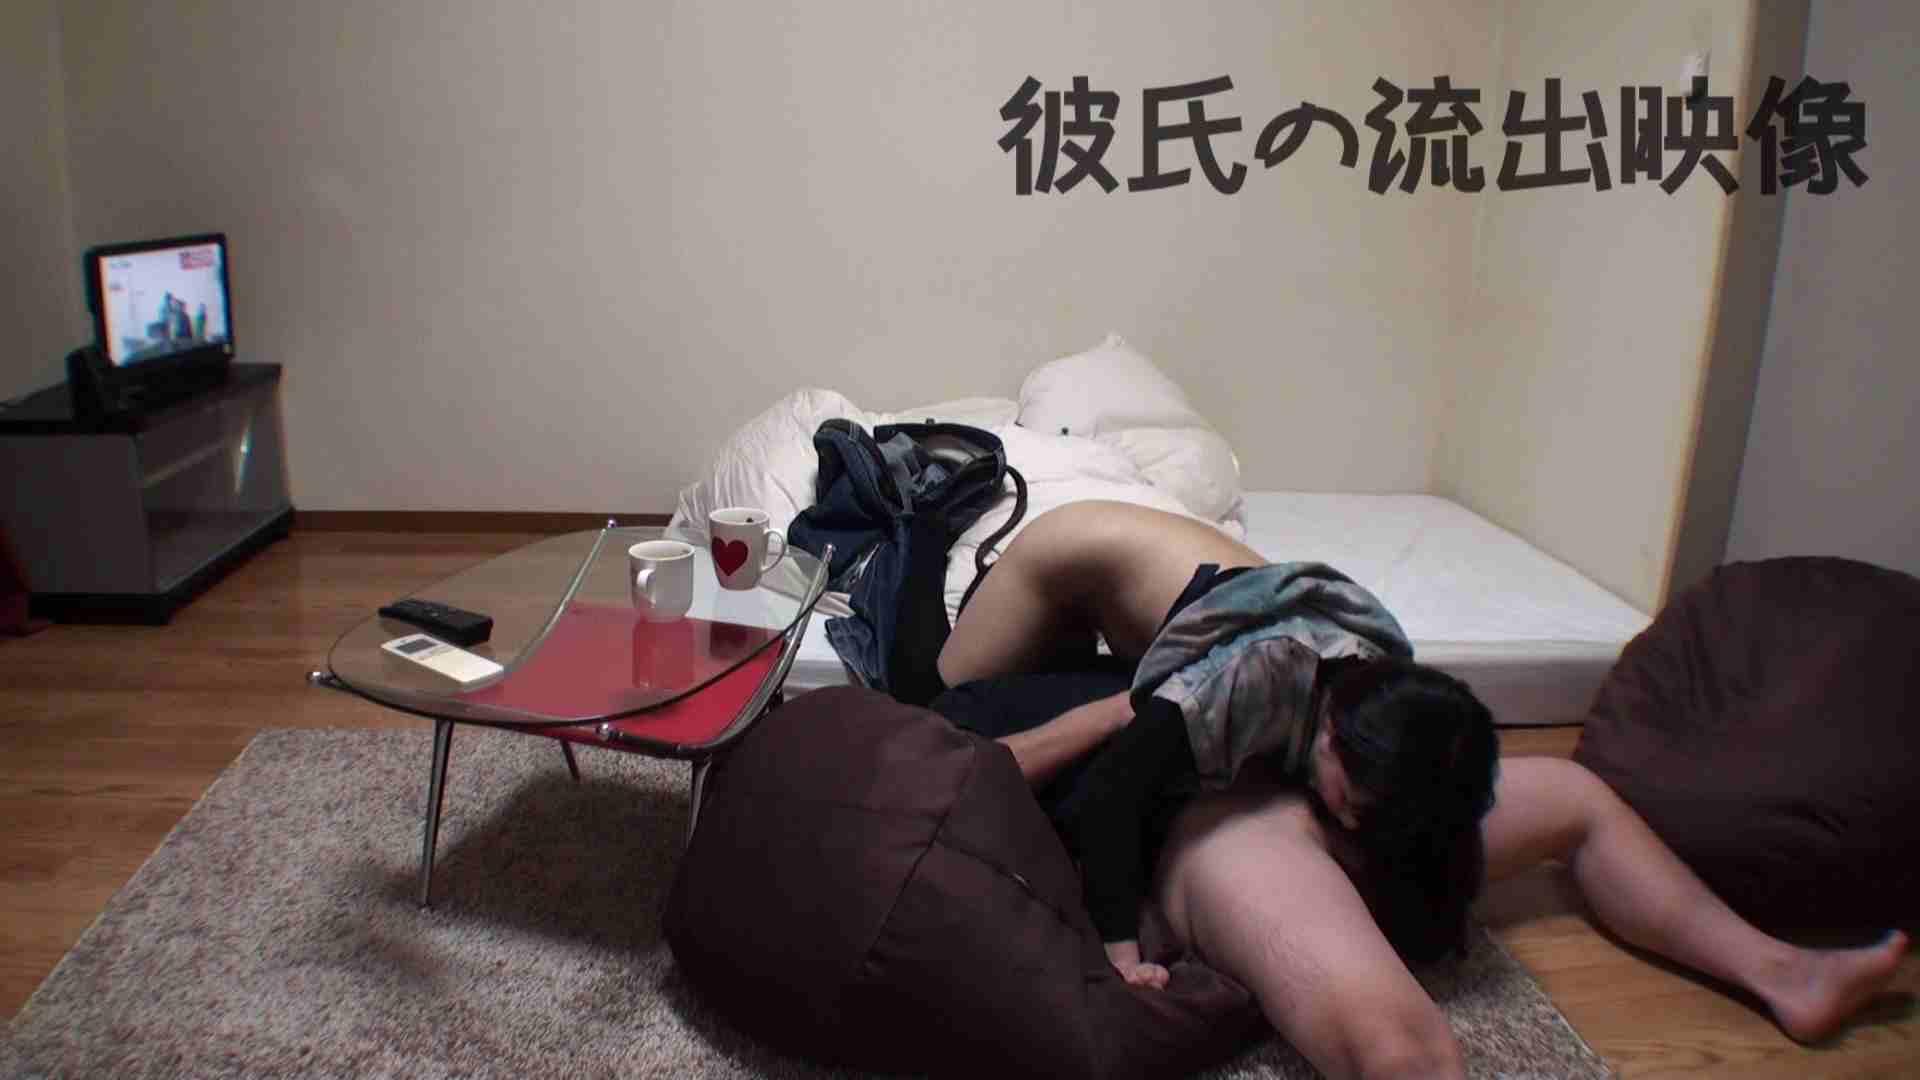 彼氏が流出 パイパン素人嬢のハメ撮り映像02 一般投稿 | ギャル達のSEX  61画像 34